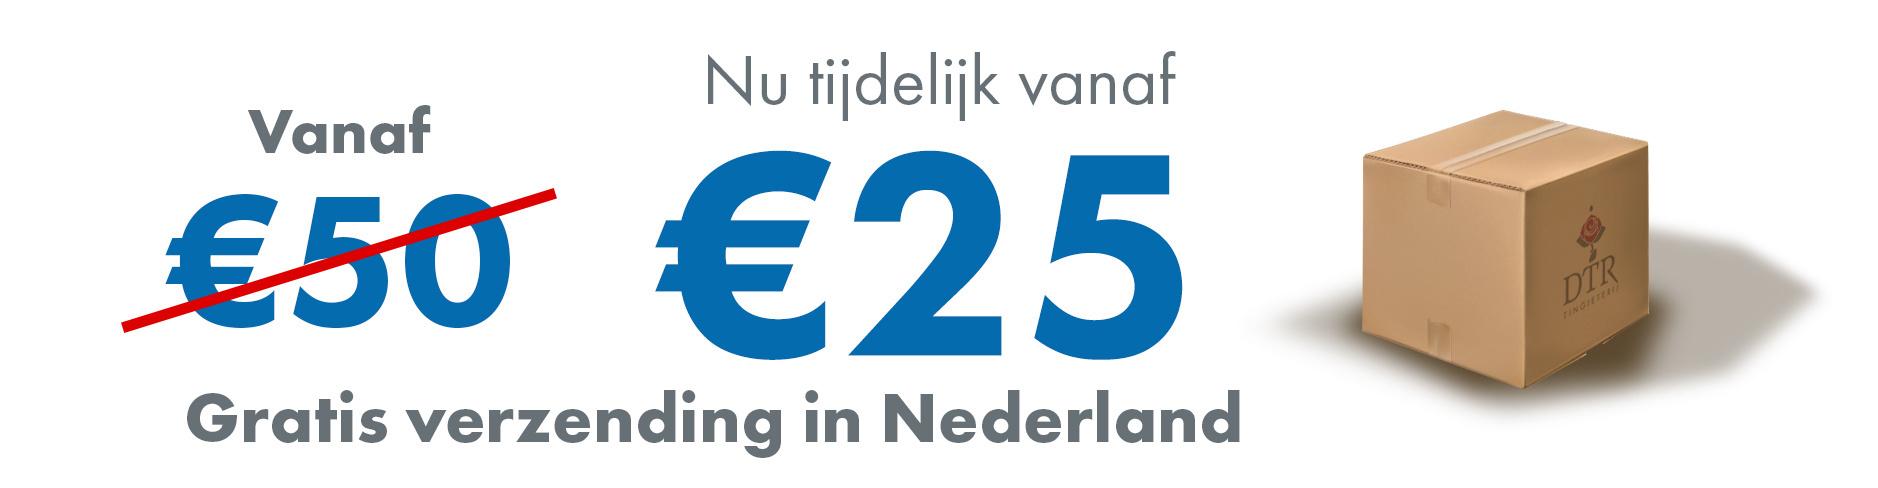 Tijdelijk gratis verzendkosten vanaf 25 euro